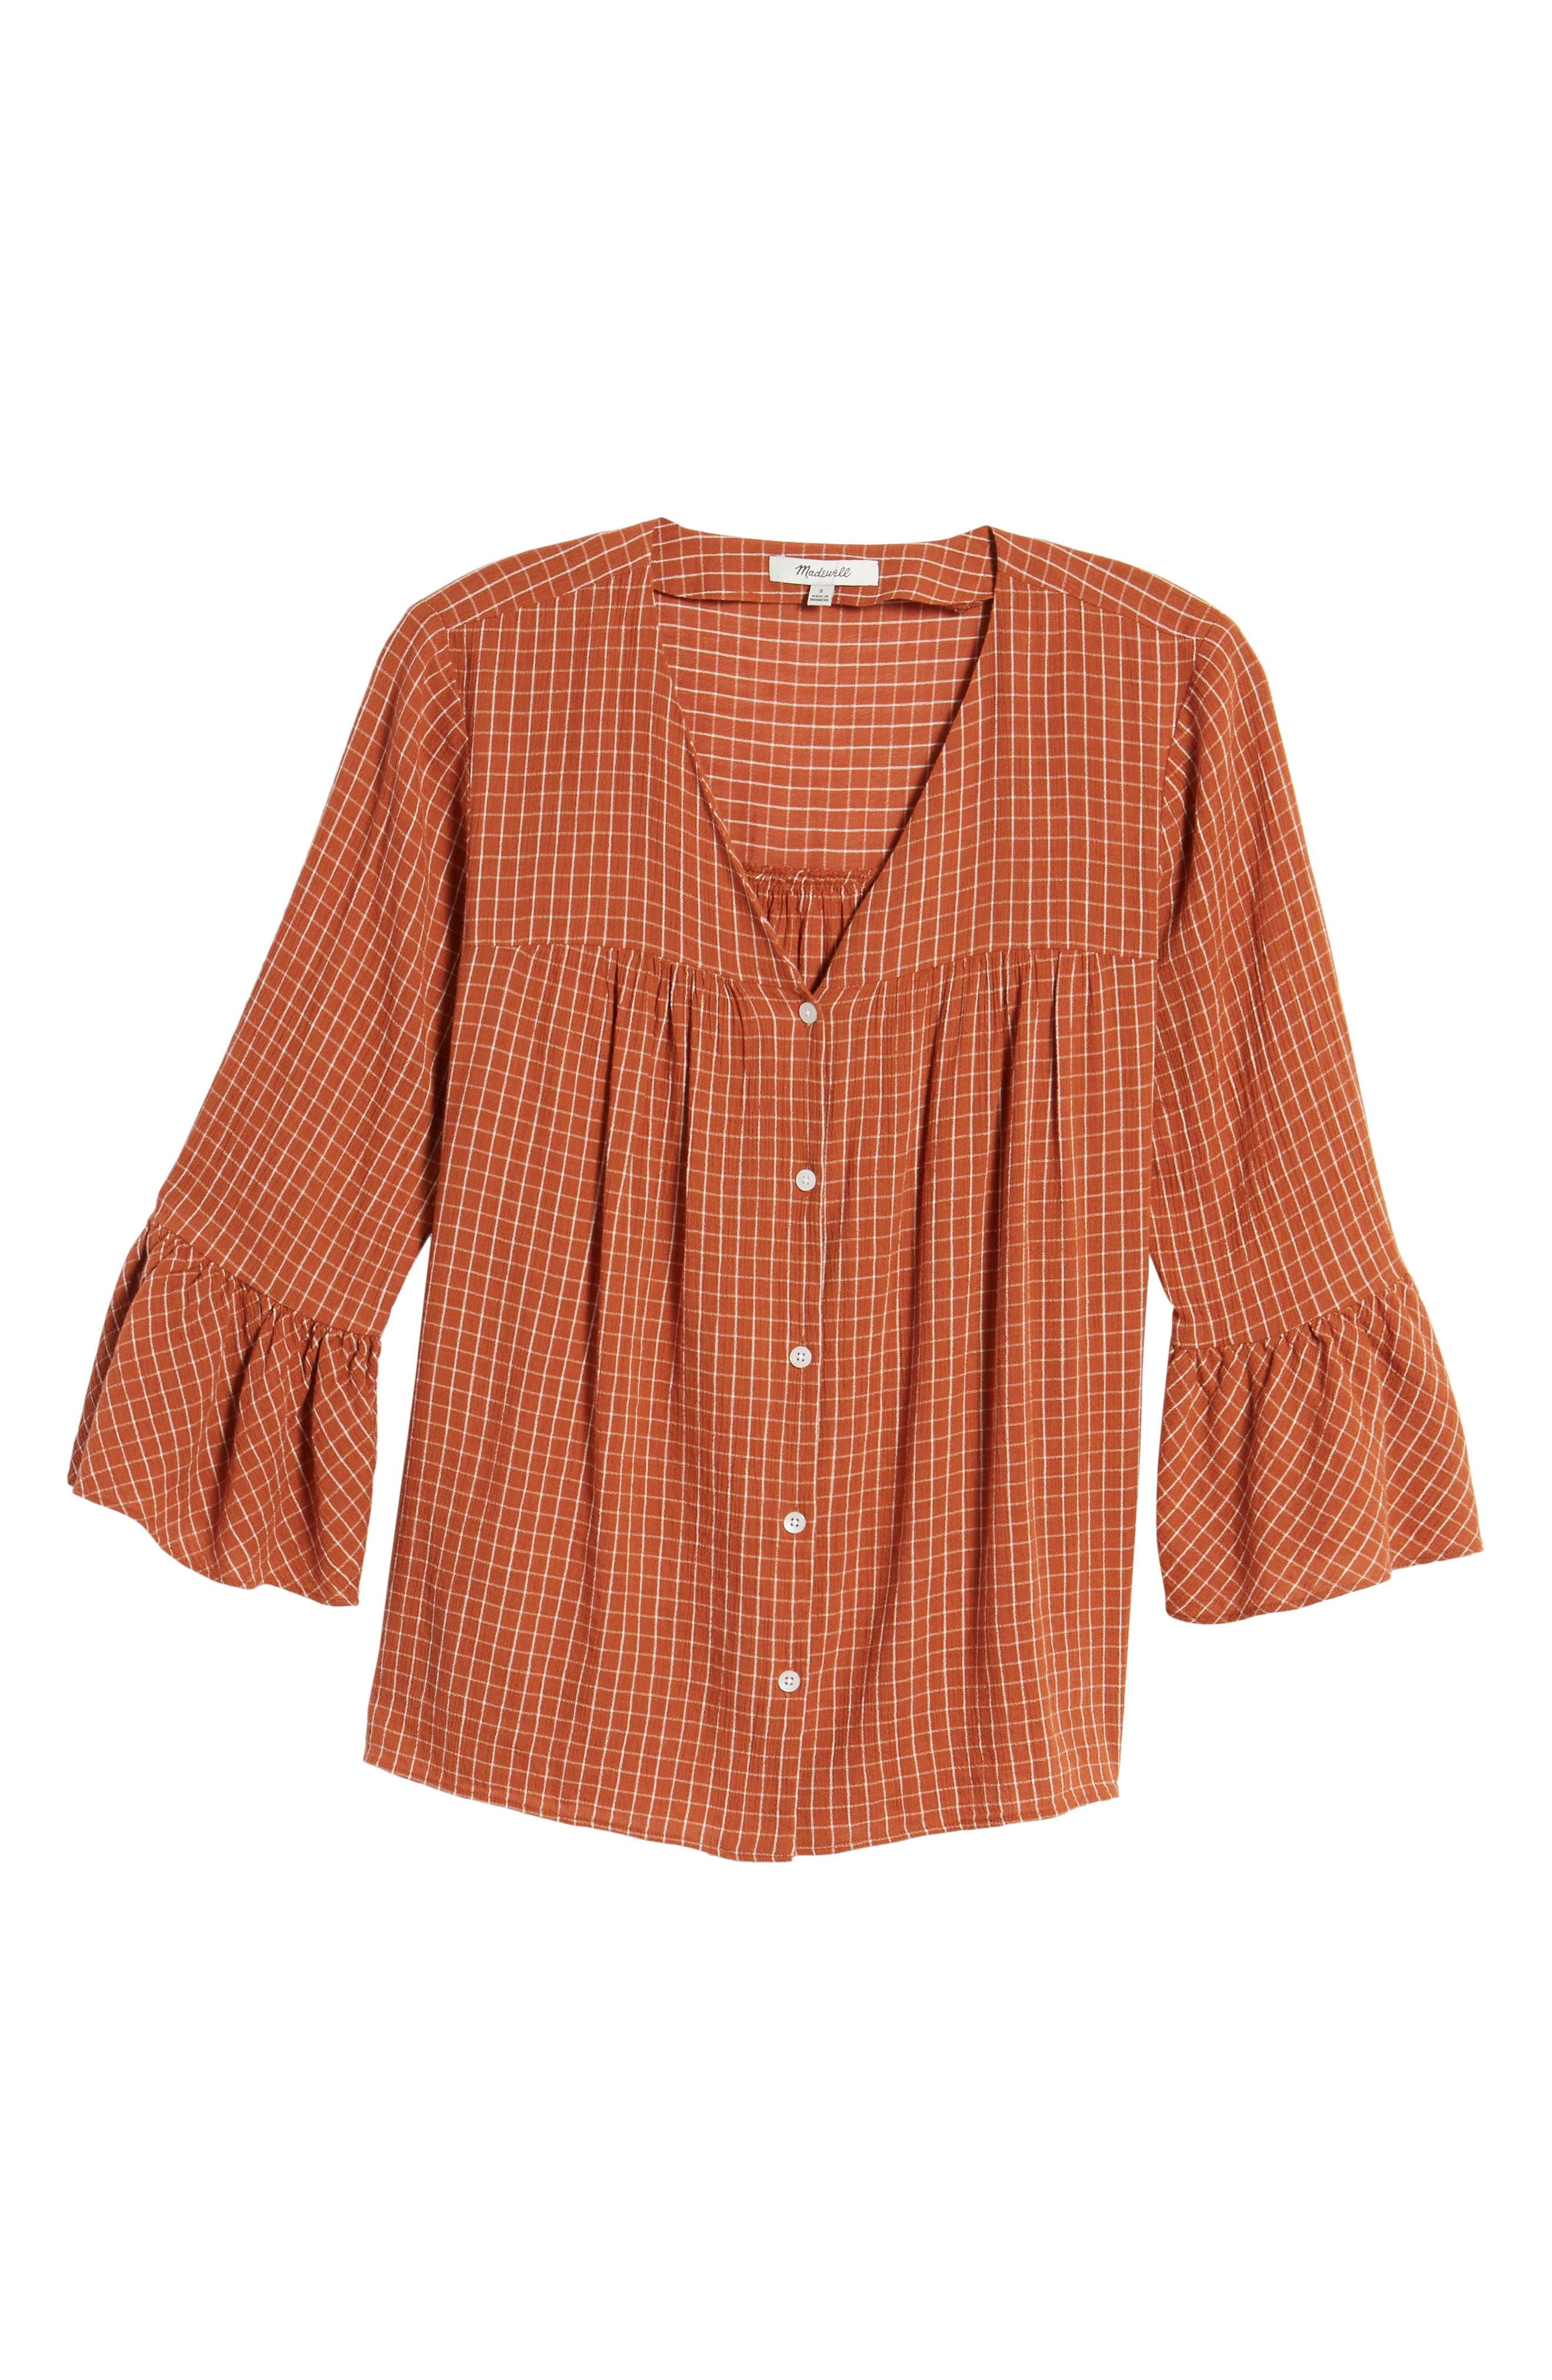 Veranda Bell Sleeve Shirt,                             Alternate thumbnail 6, color,